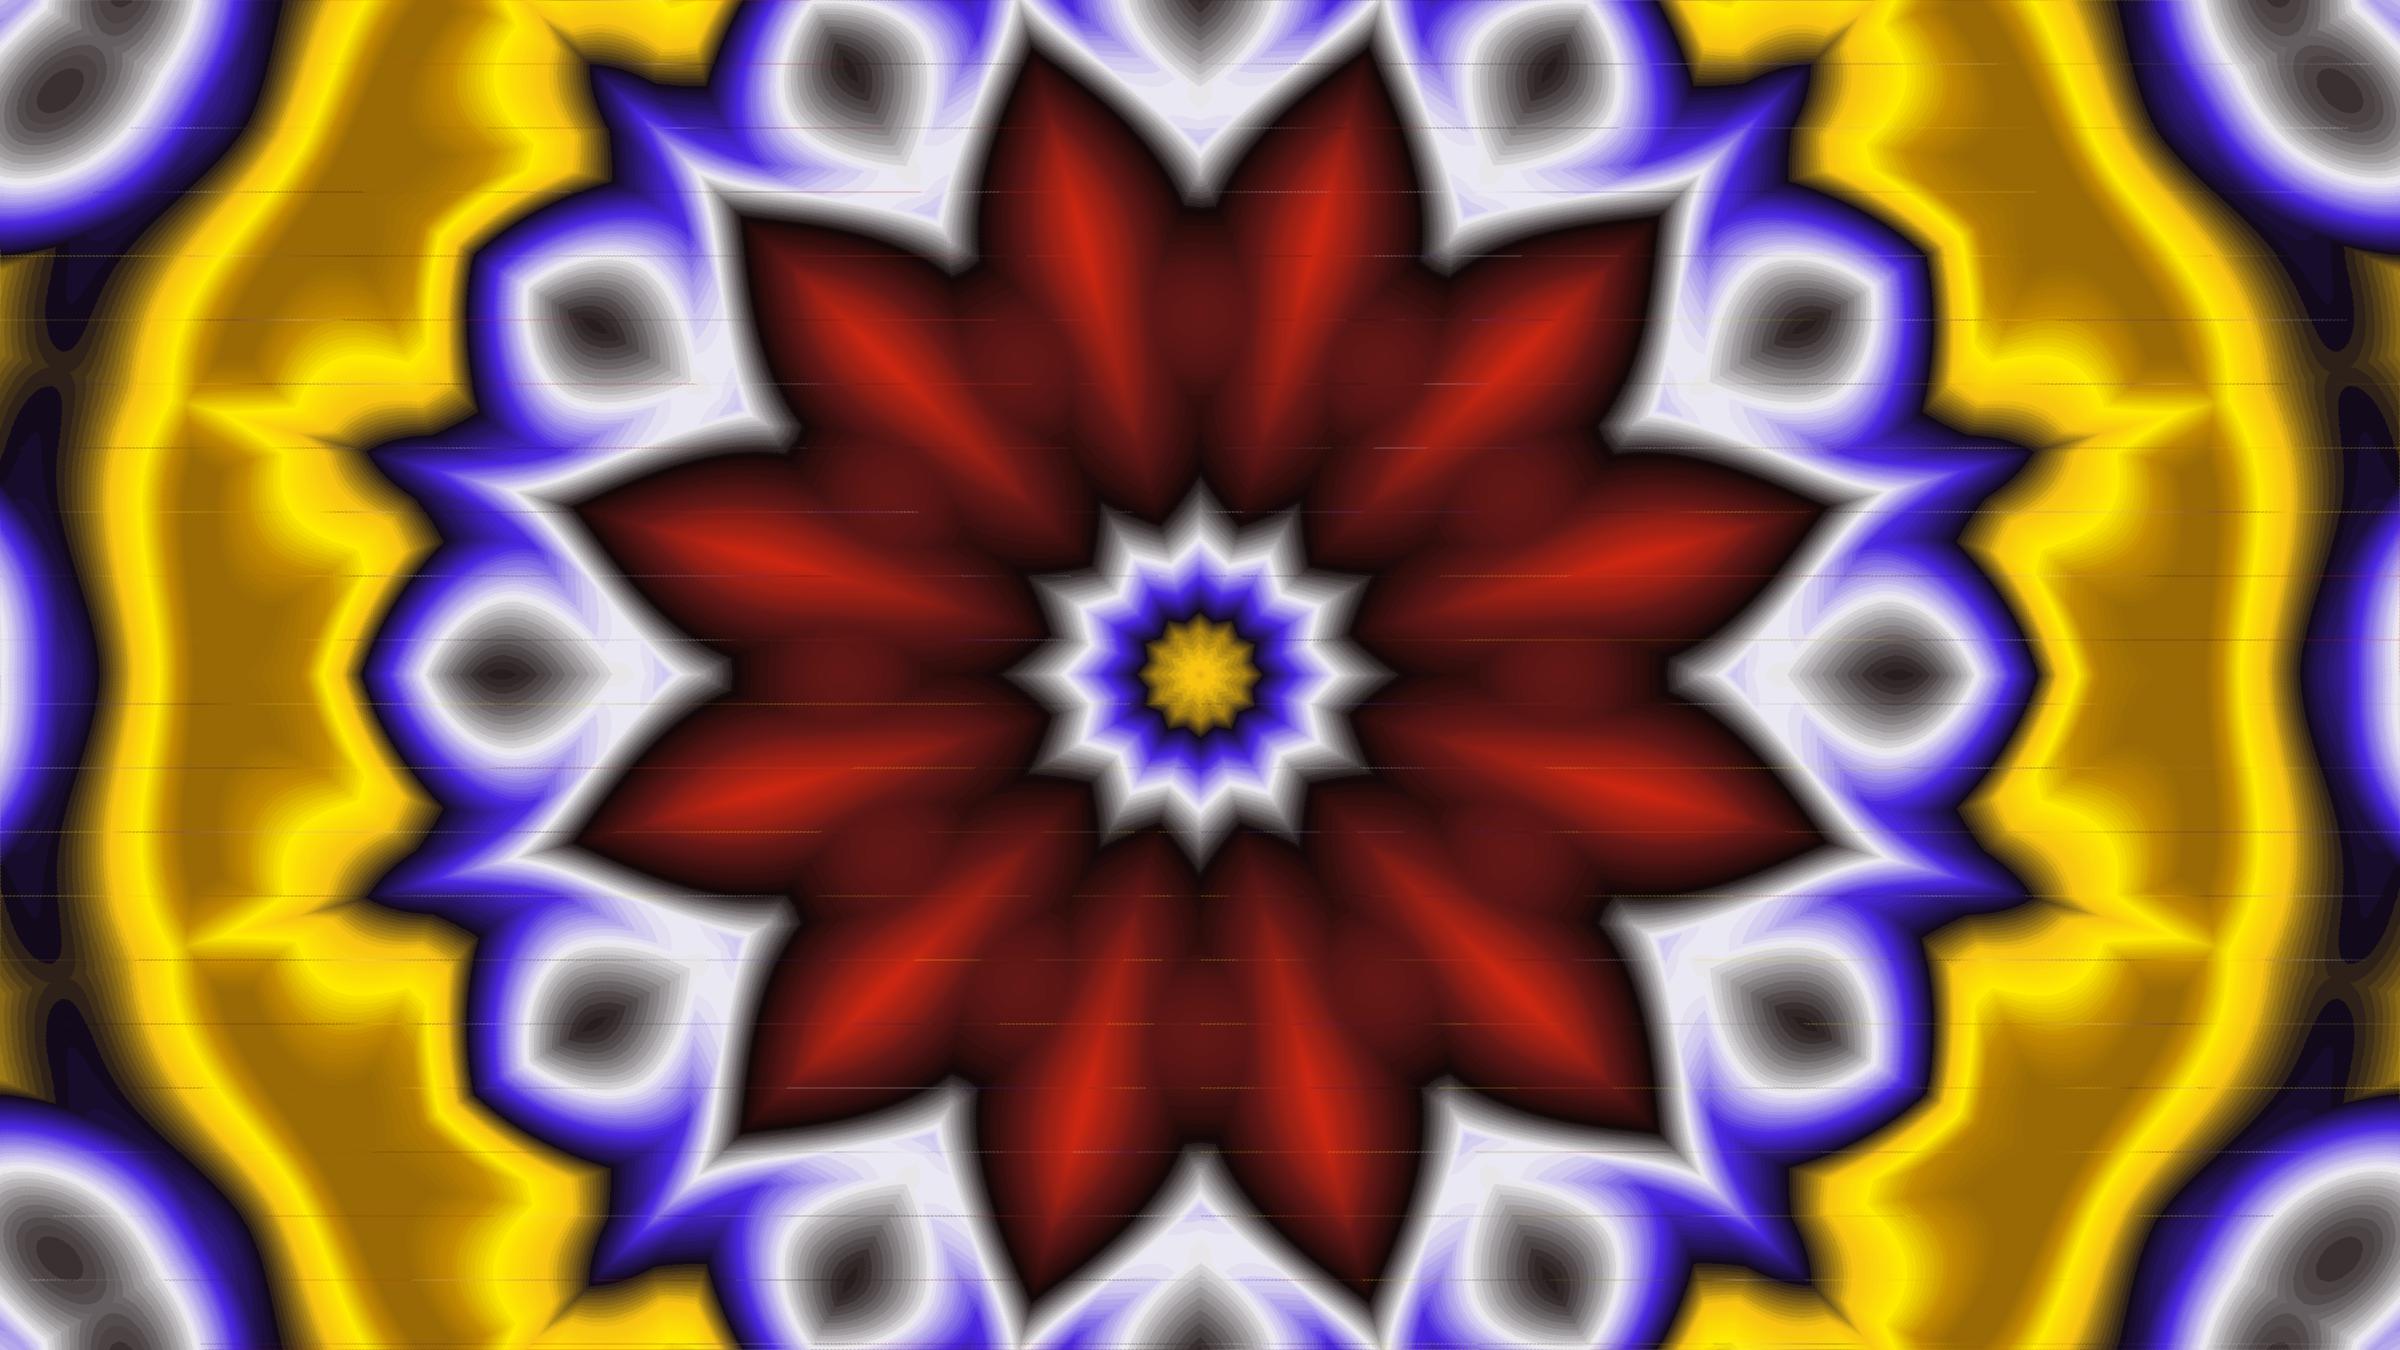 kaleidoscope glitch by lazur - photo #18